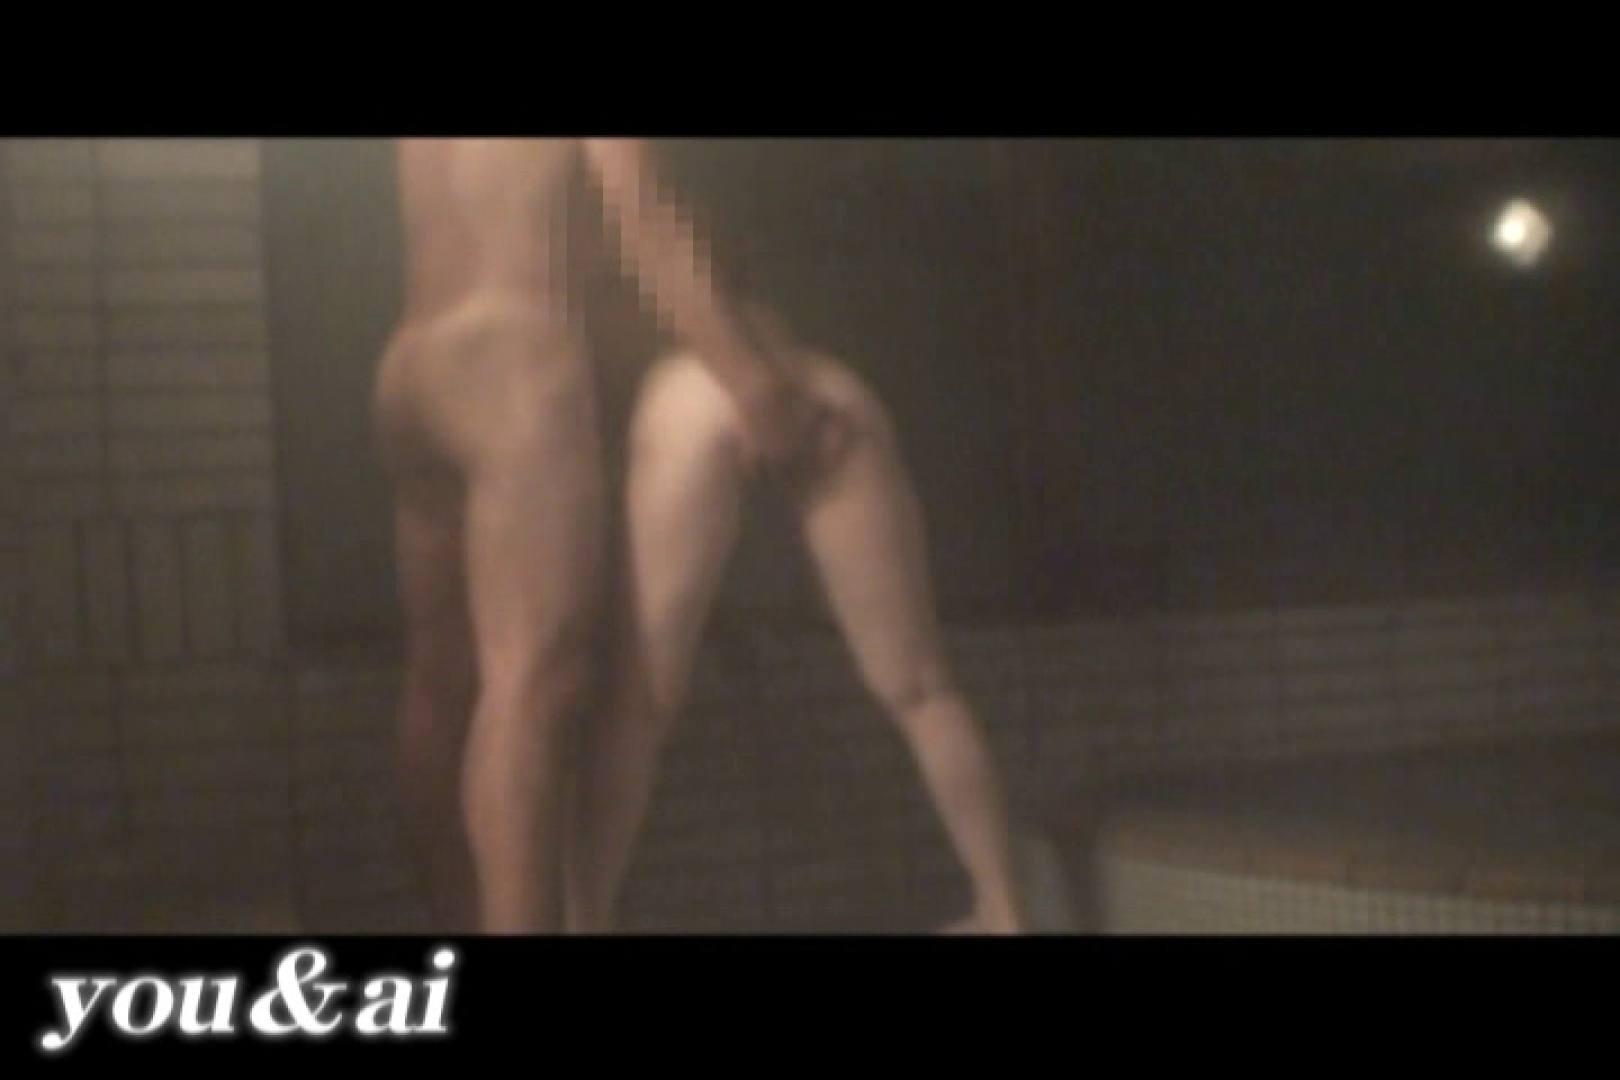 おしどり夫婦のyou&aiさん投稿作品vol.19 熟女 AV動画キャプチャ 75枚 20